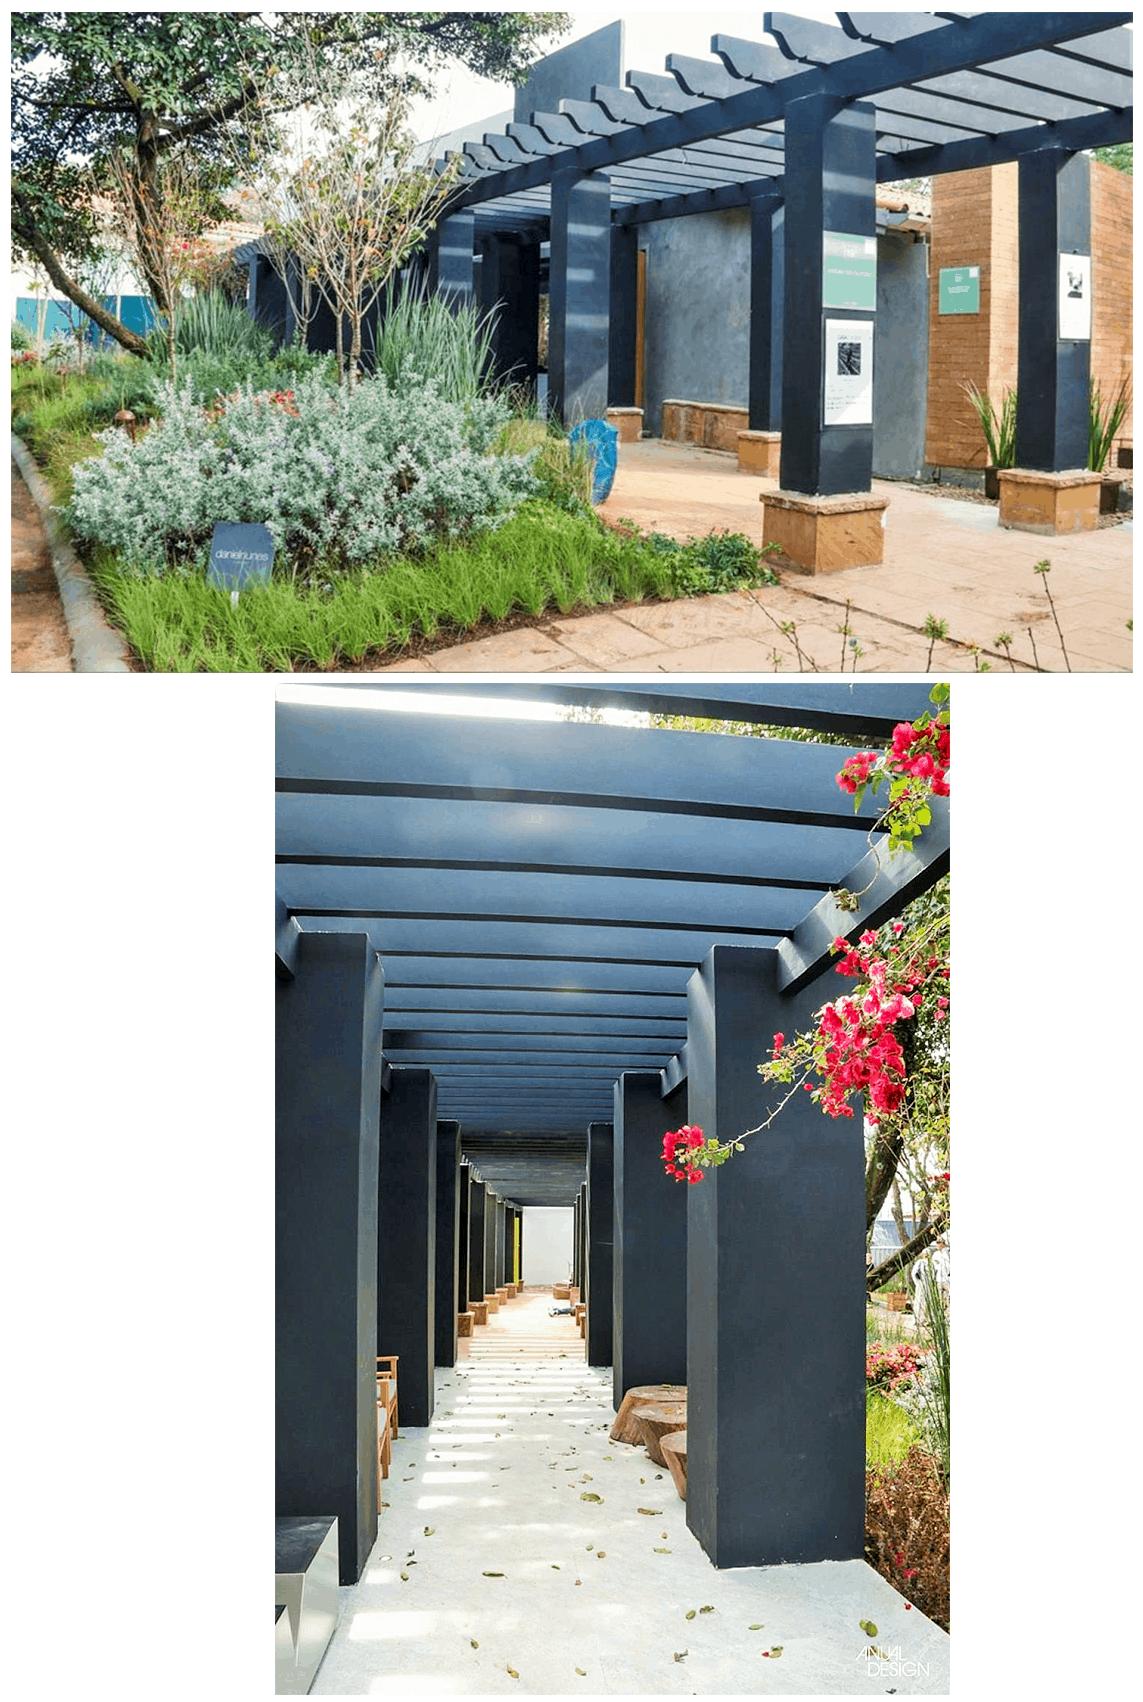 jardim-do-outono-daniel-casa-cor-decorar-com-charme